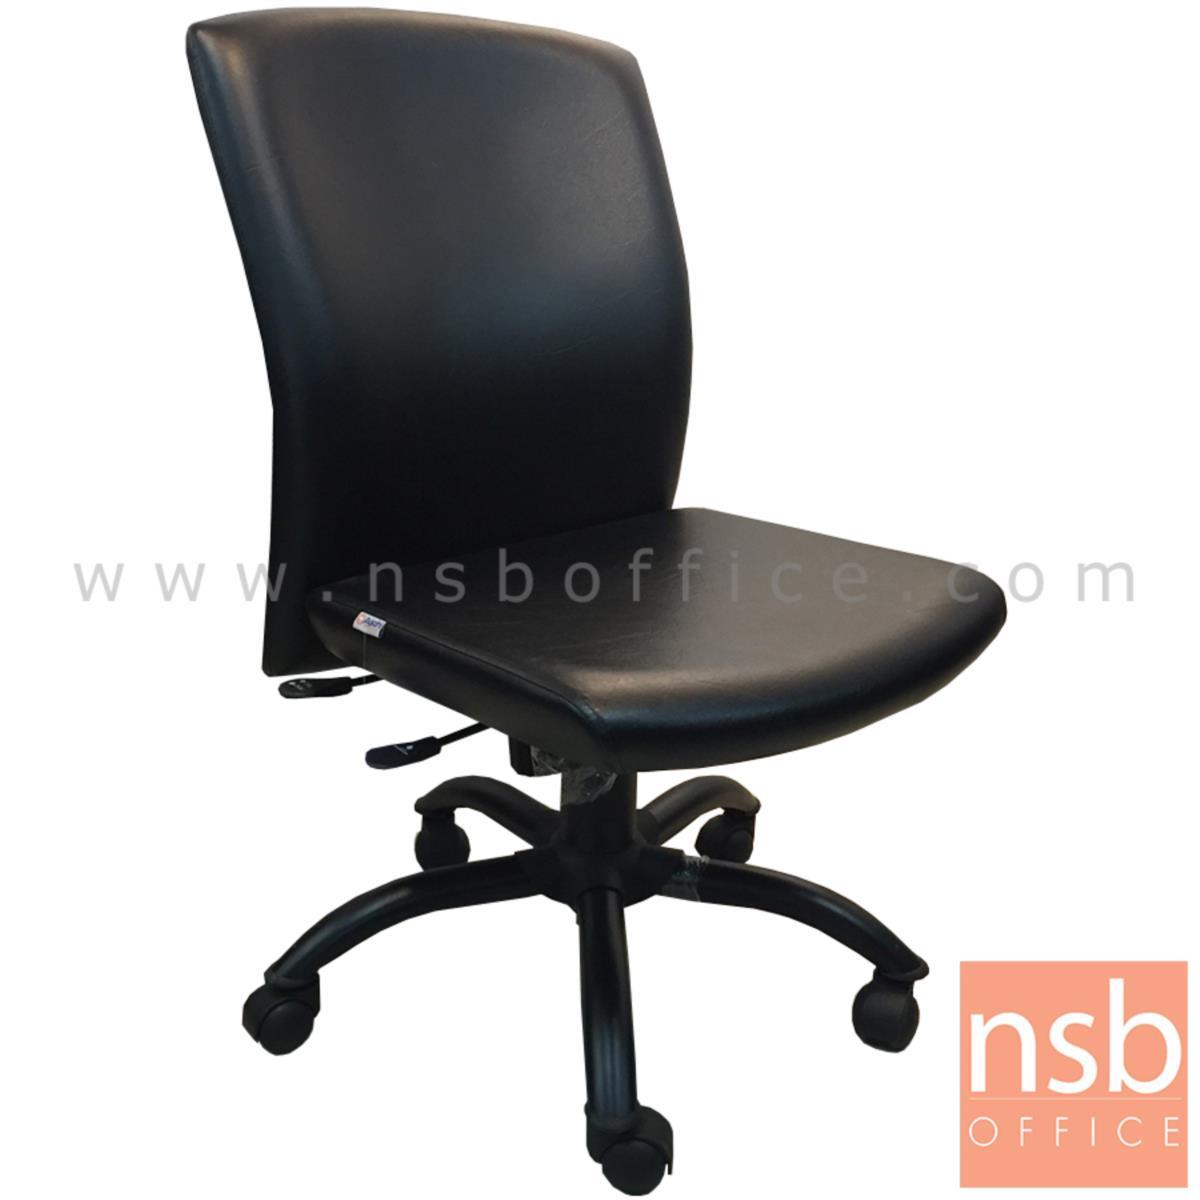 B28A030:เก้าอี้สำนักงาน รุ่น Gregory (เกรกอรี่)  โช๊คแก๊ส มีก้อนโยก ขาเหล็กพ่นดำ